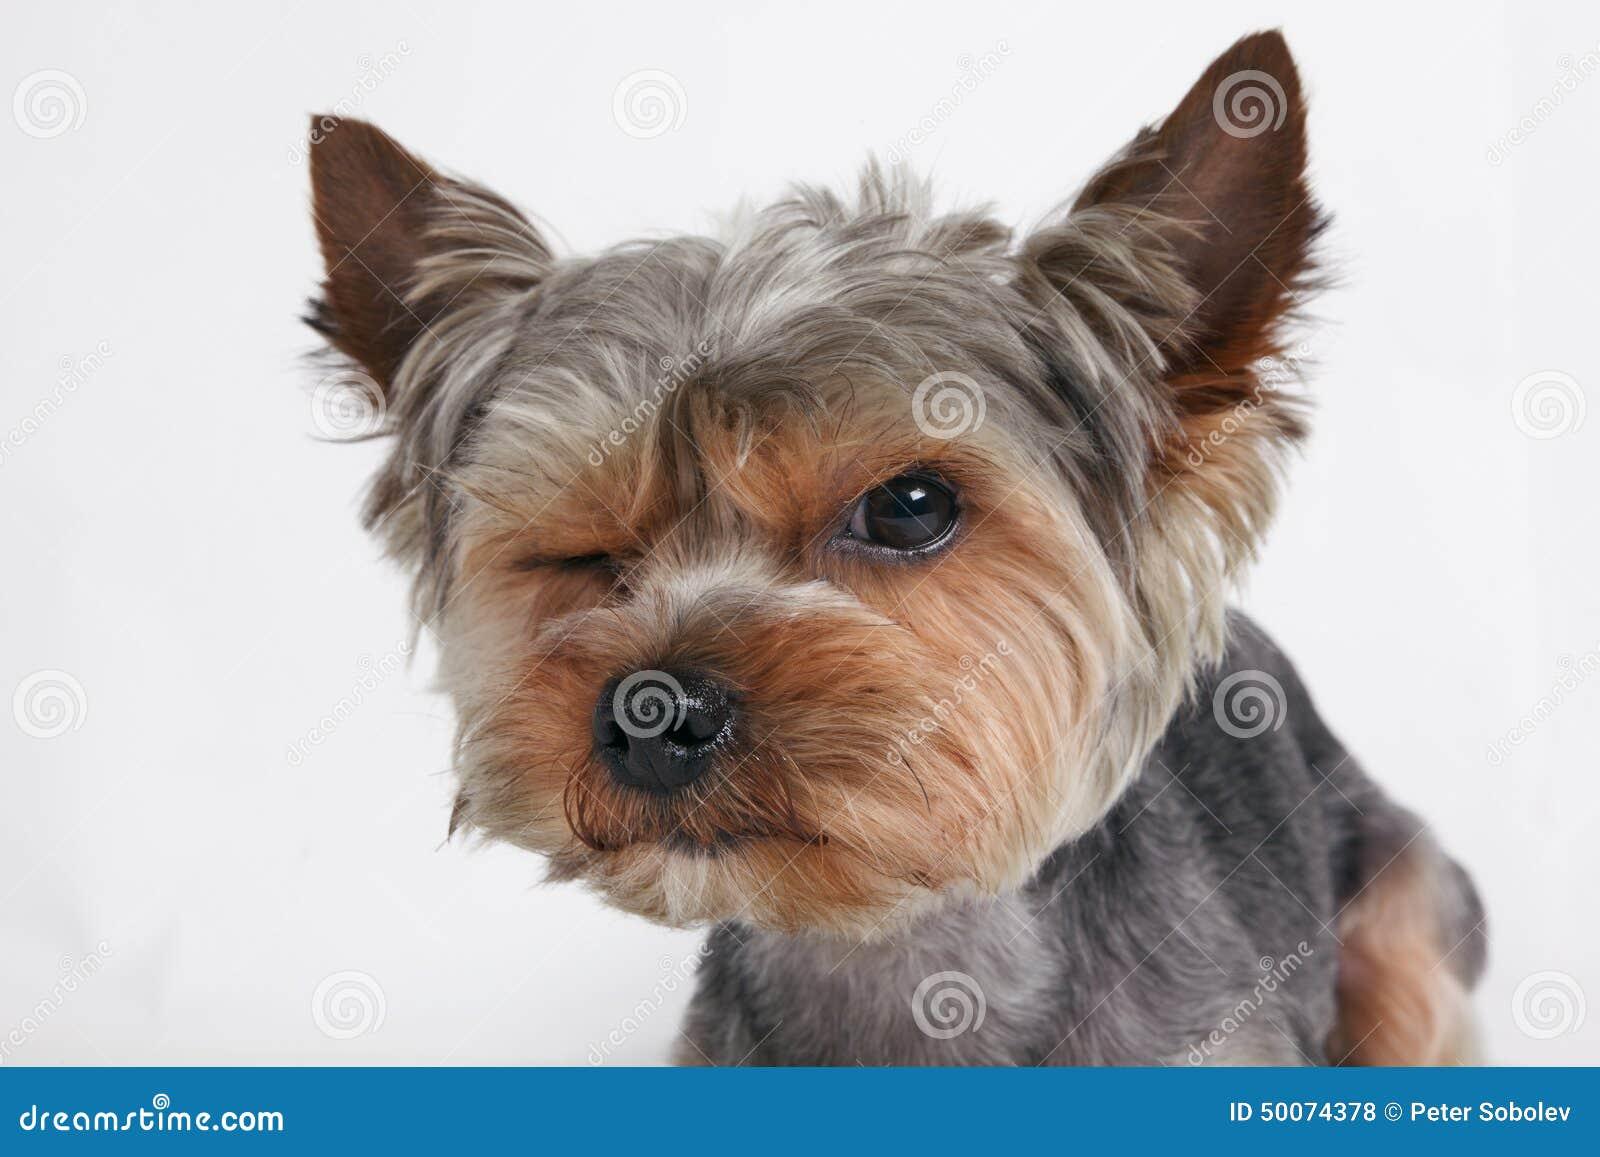 Animal Lover sur Pinterest Images Drôles D'animaux, Loutres et Chatons